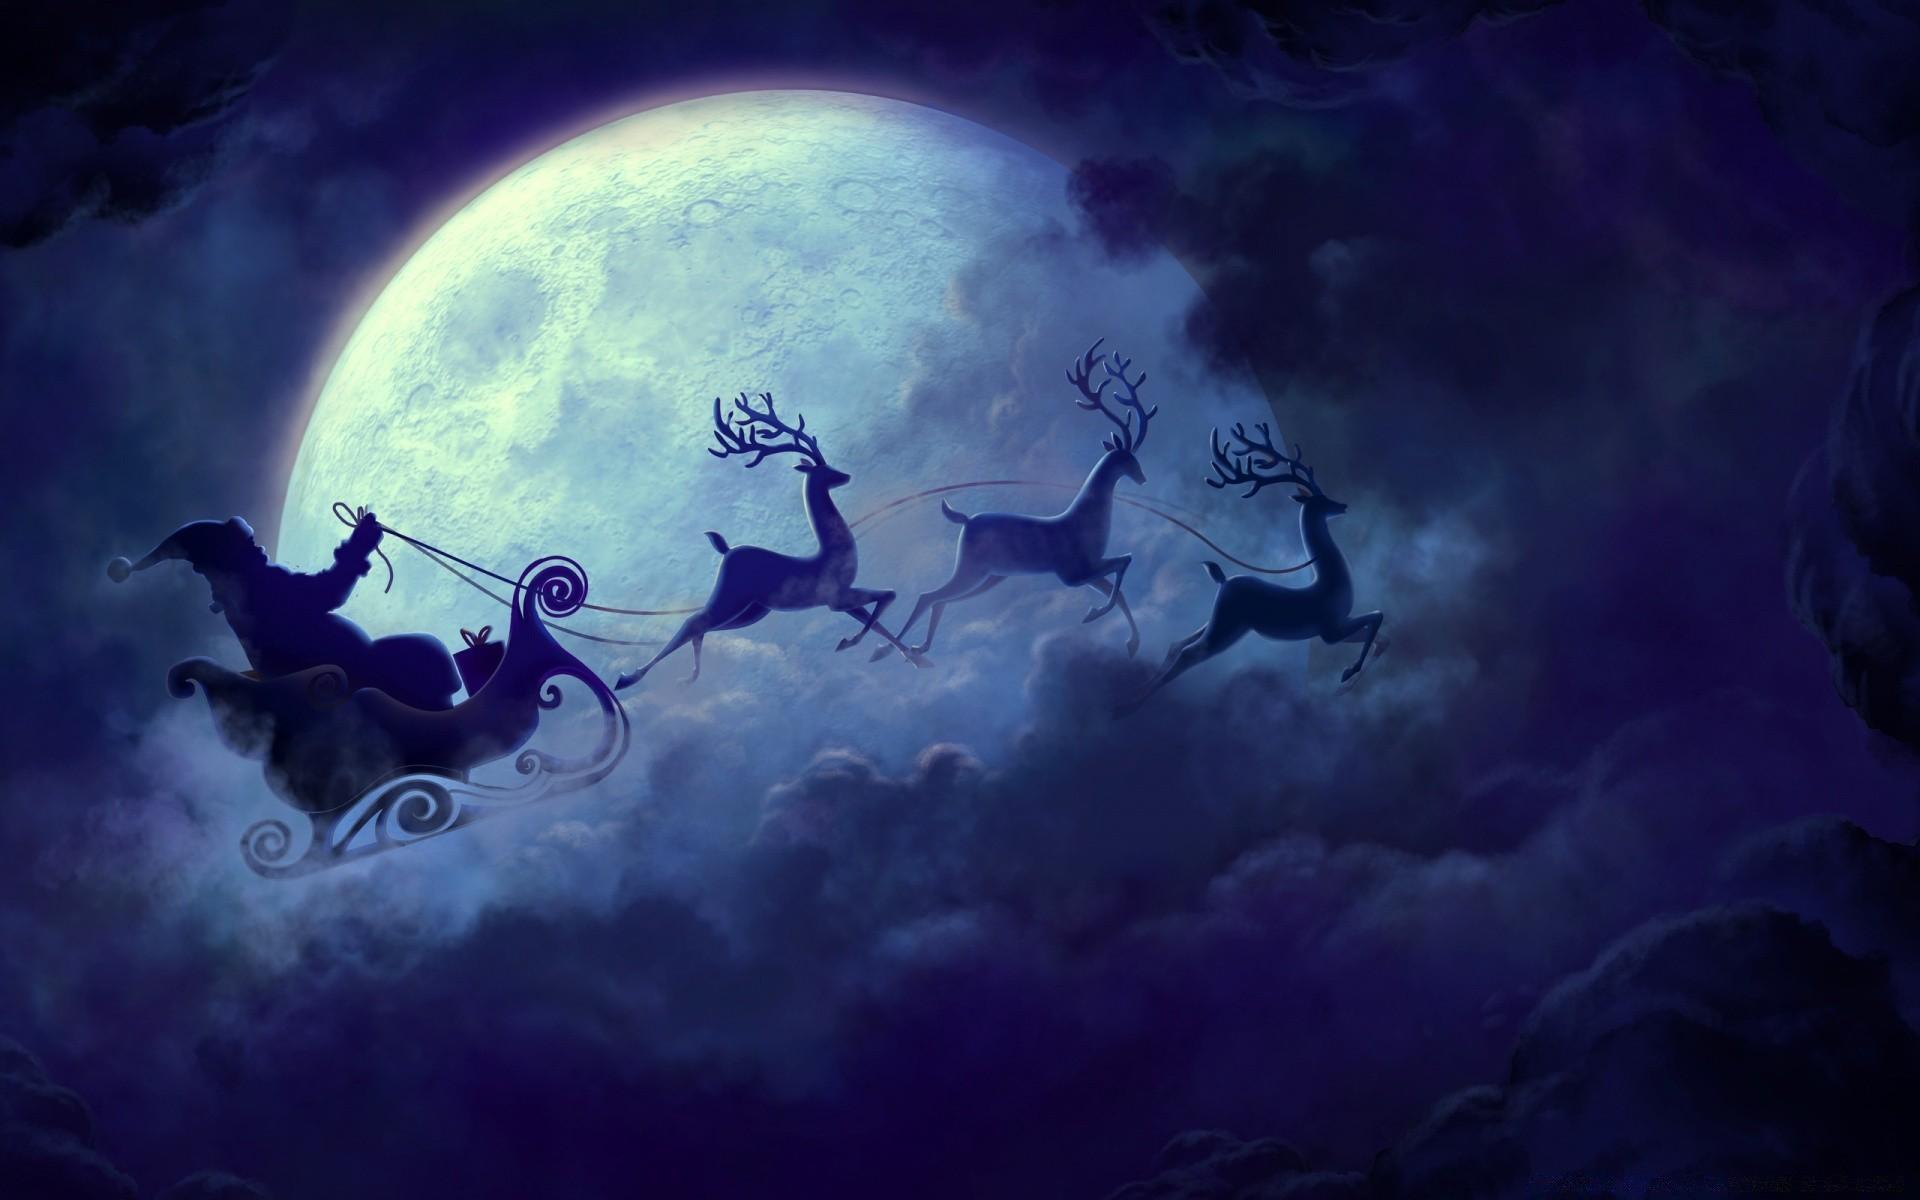 Санта клаус на санях в небе рисунок